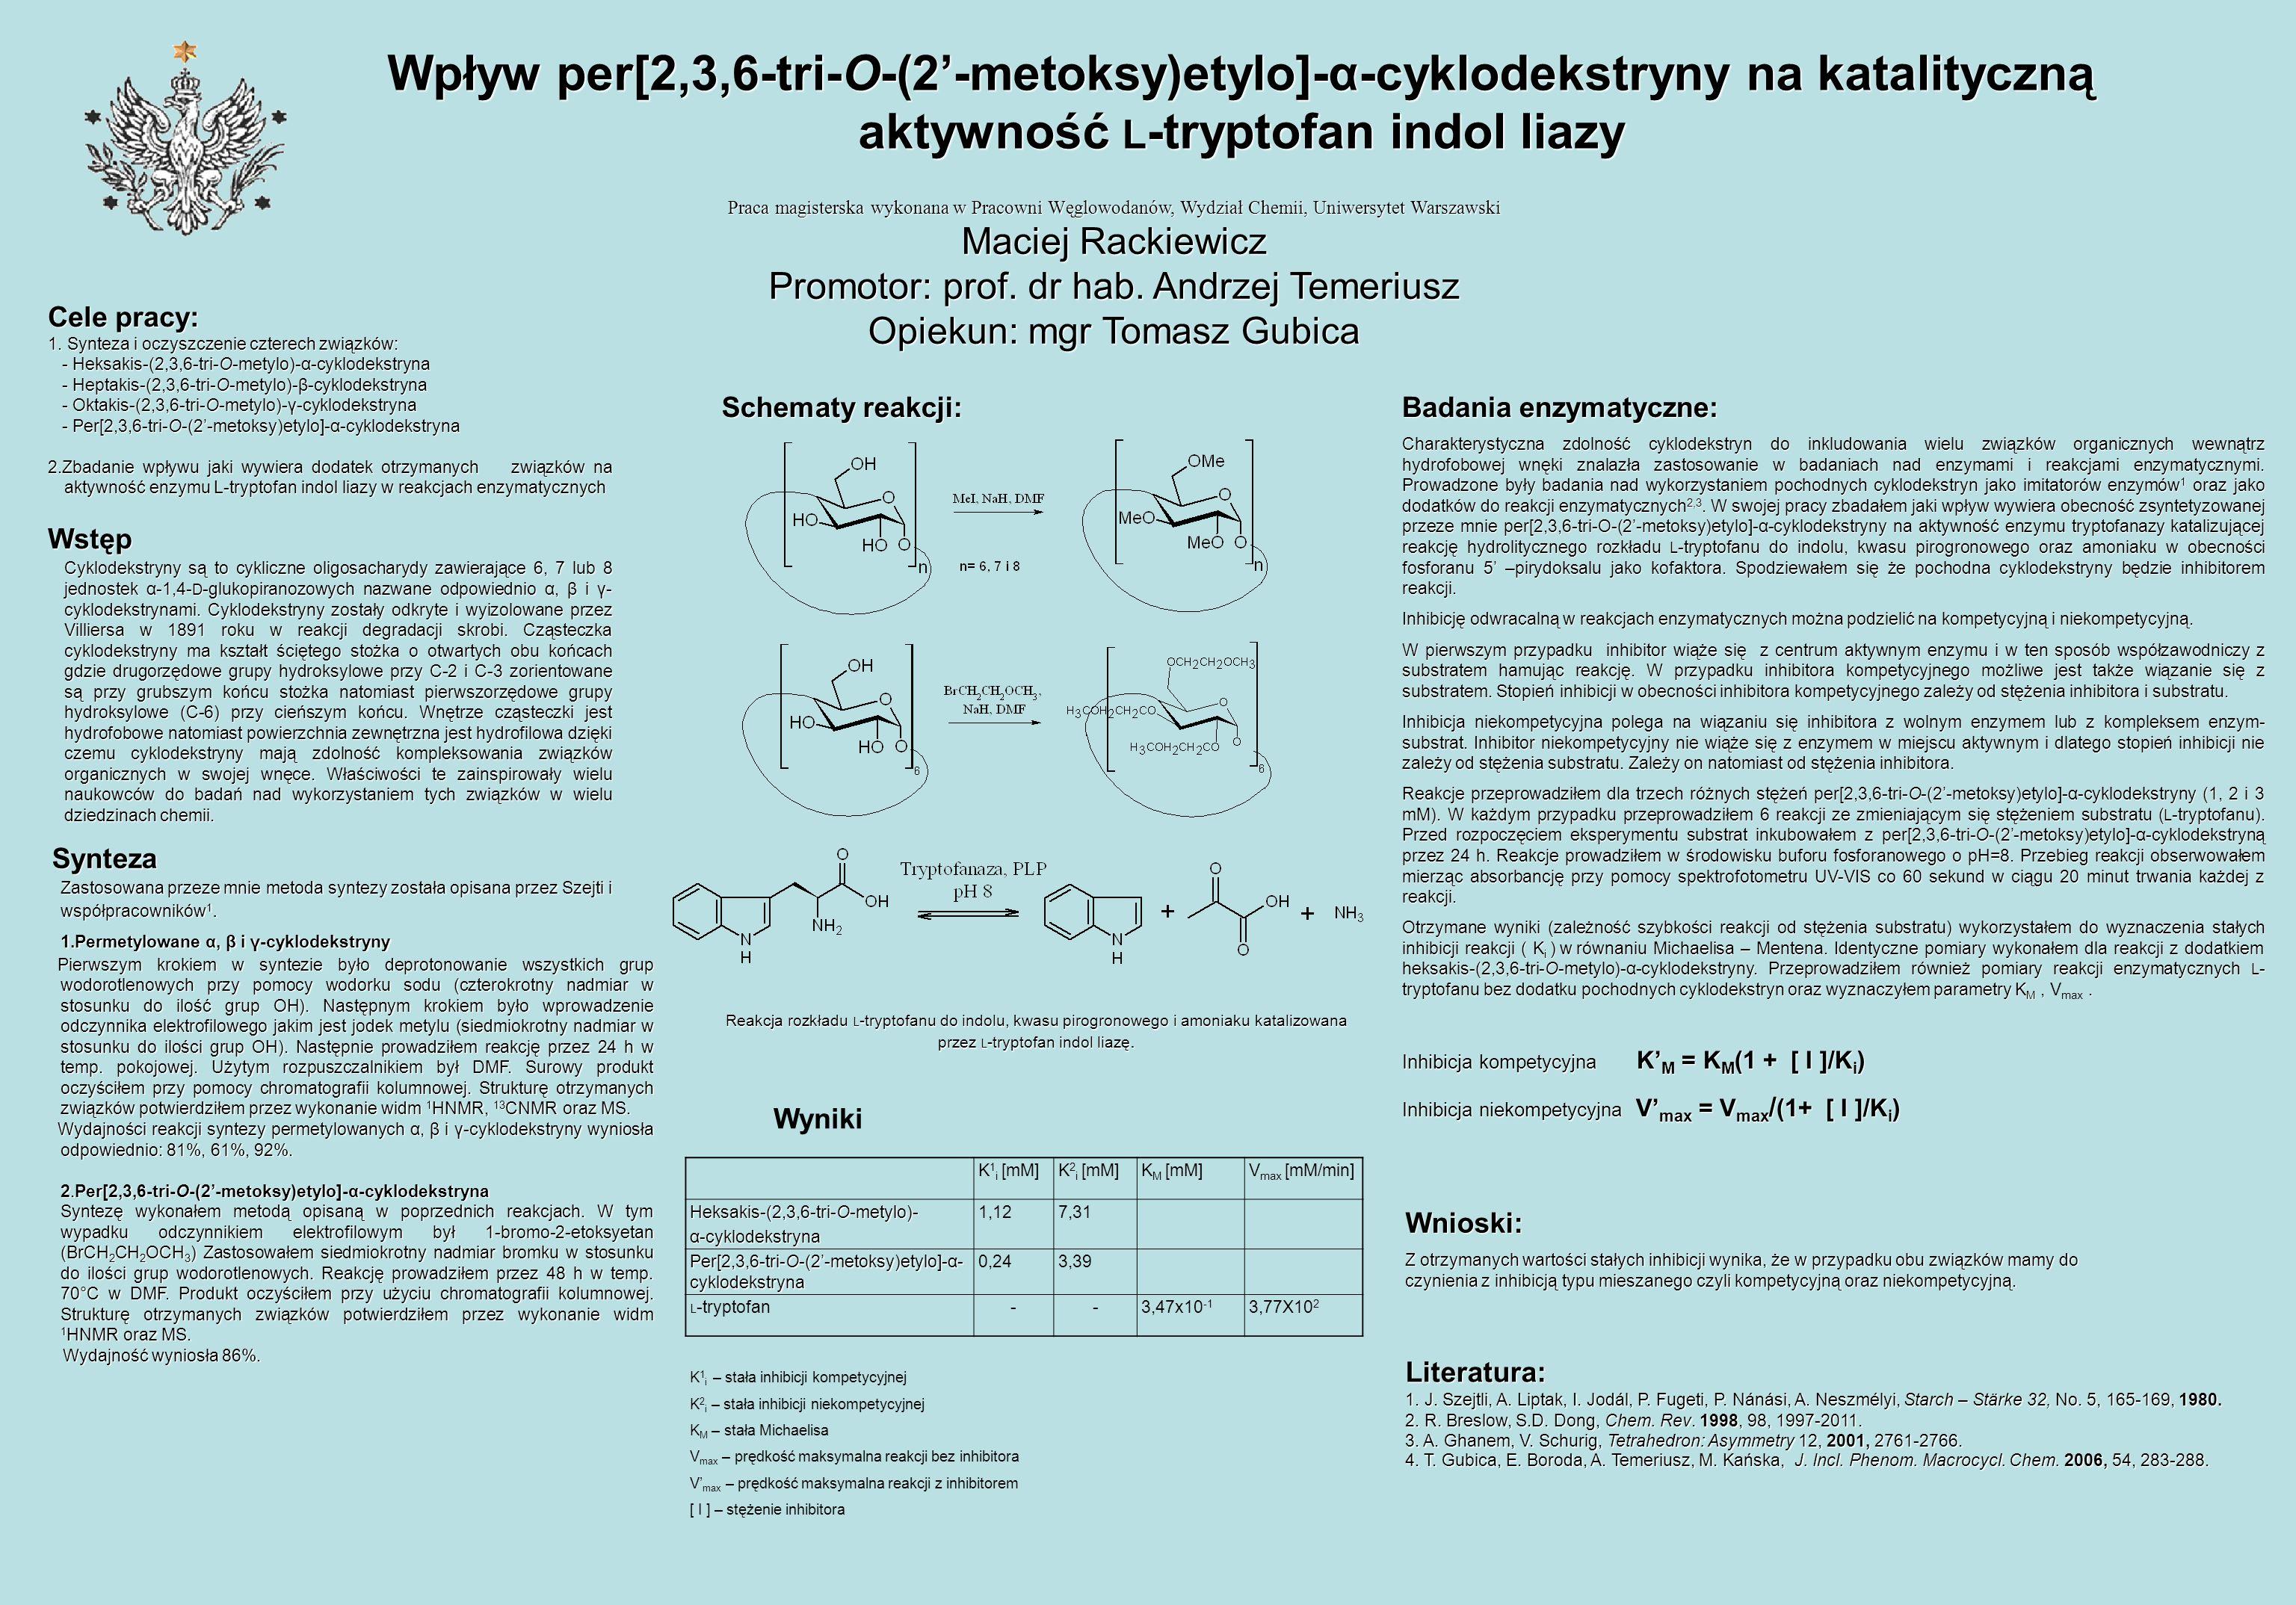 Wpływ per[2,3,6-tri-O-(2'-metoksy)etylo]-α-cyklodekstryny na katalityczną aktywność L-tryptofan indol liazy